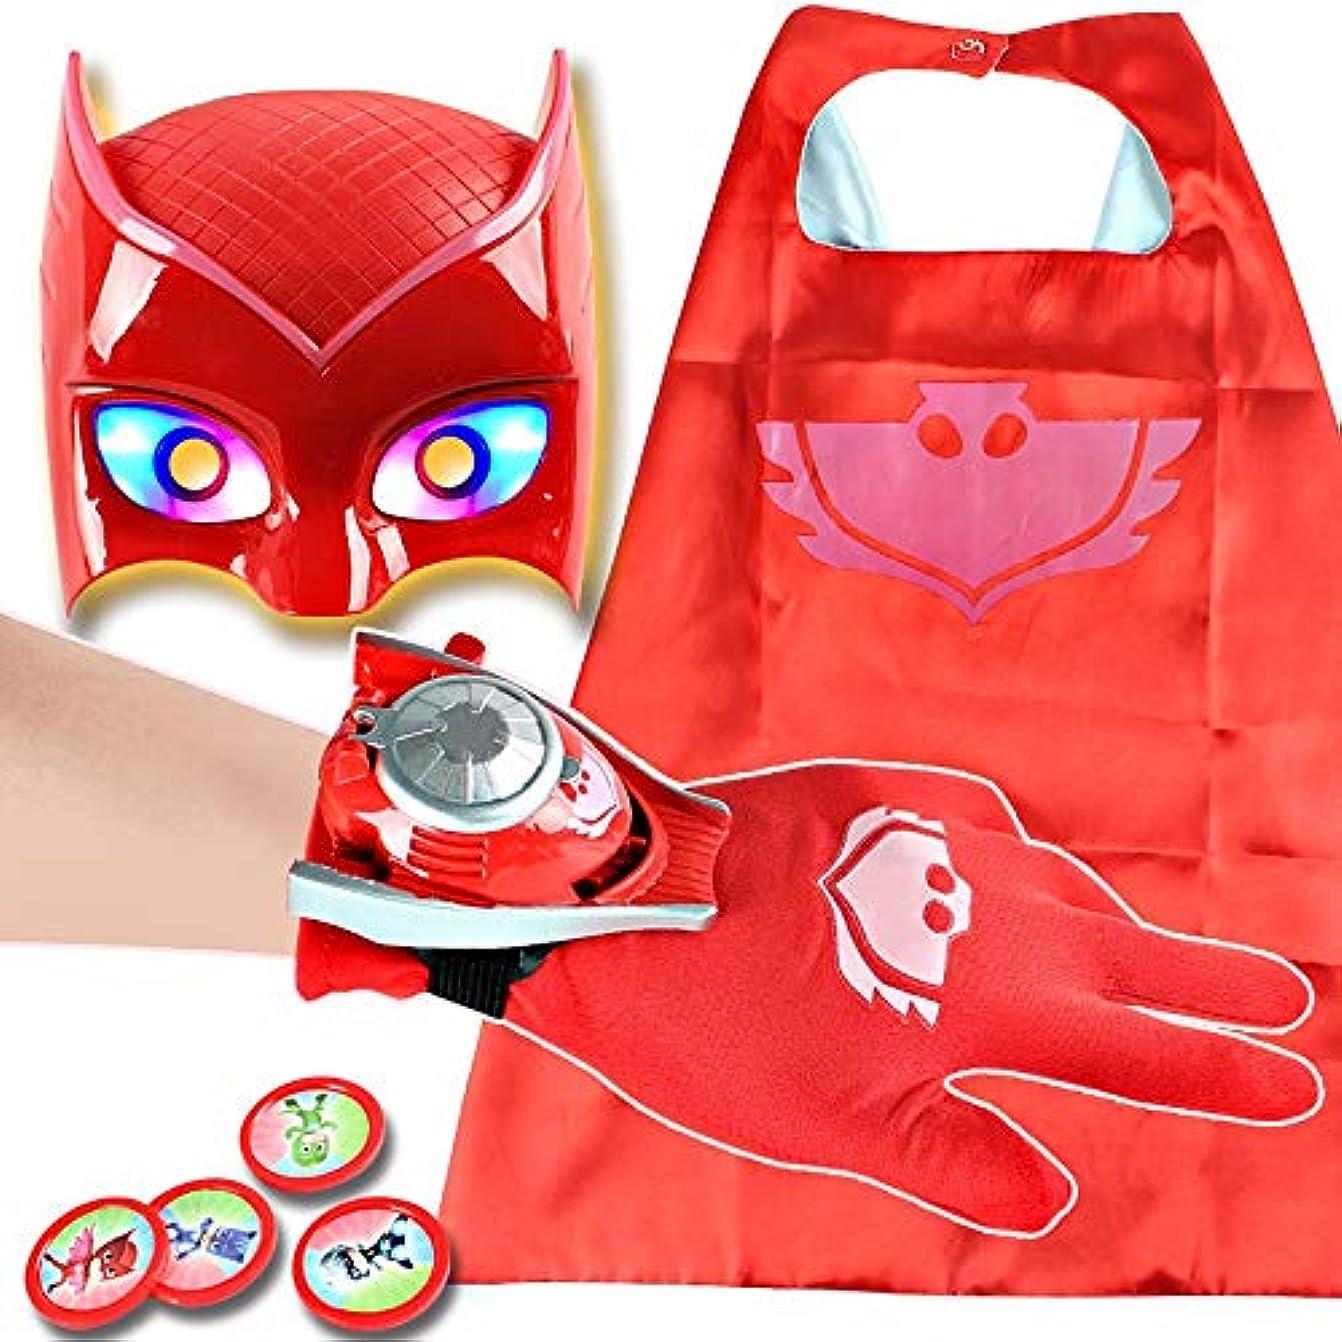 エンジニア通常一口子供用ハロウィンコスチュームマスク-漫画のヒーローマスク、マントと手袋の子供のコスプレ小道具